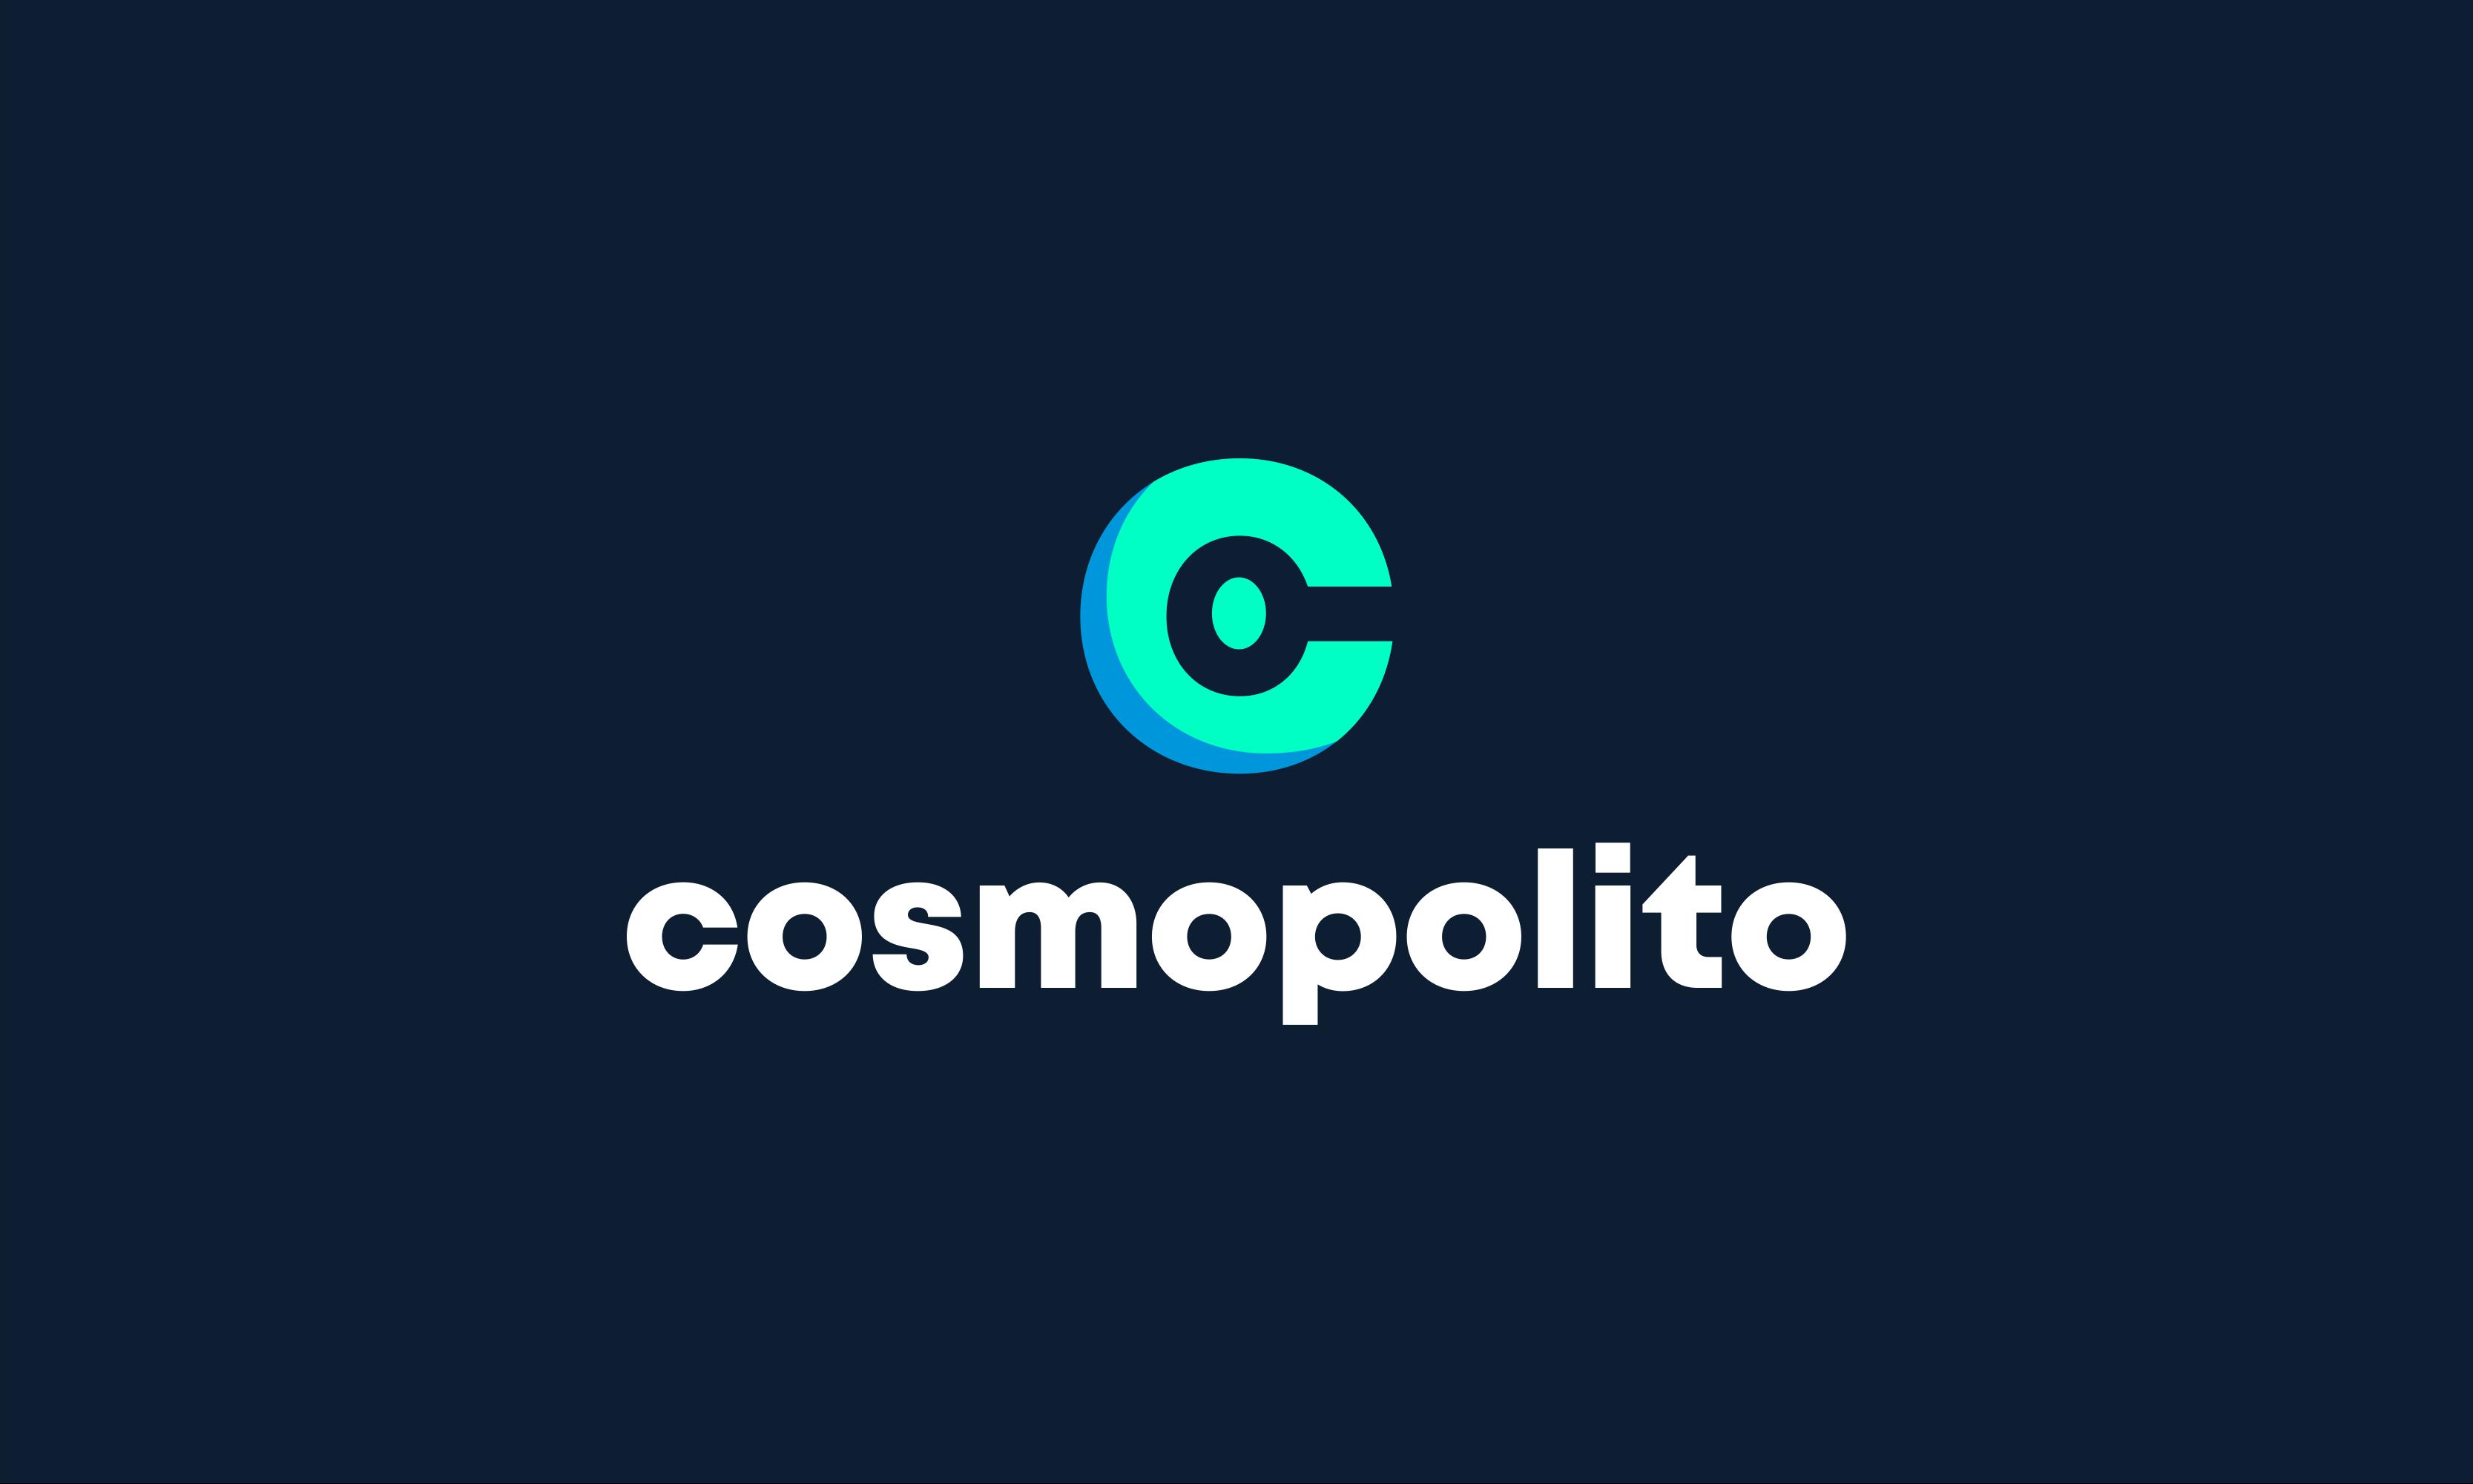 Cosmopolito